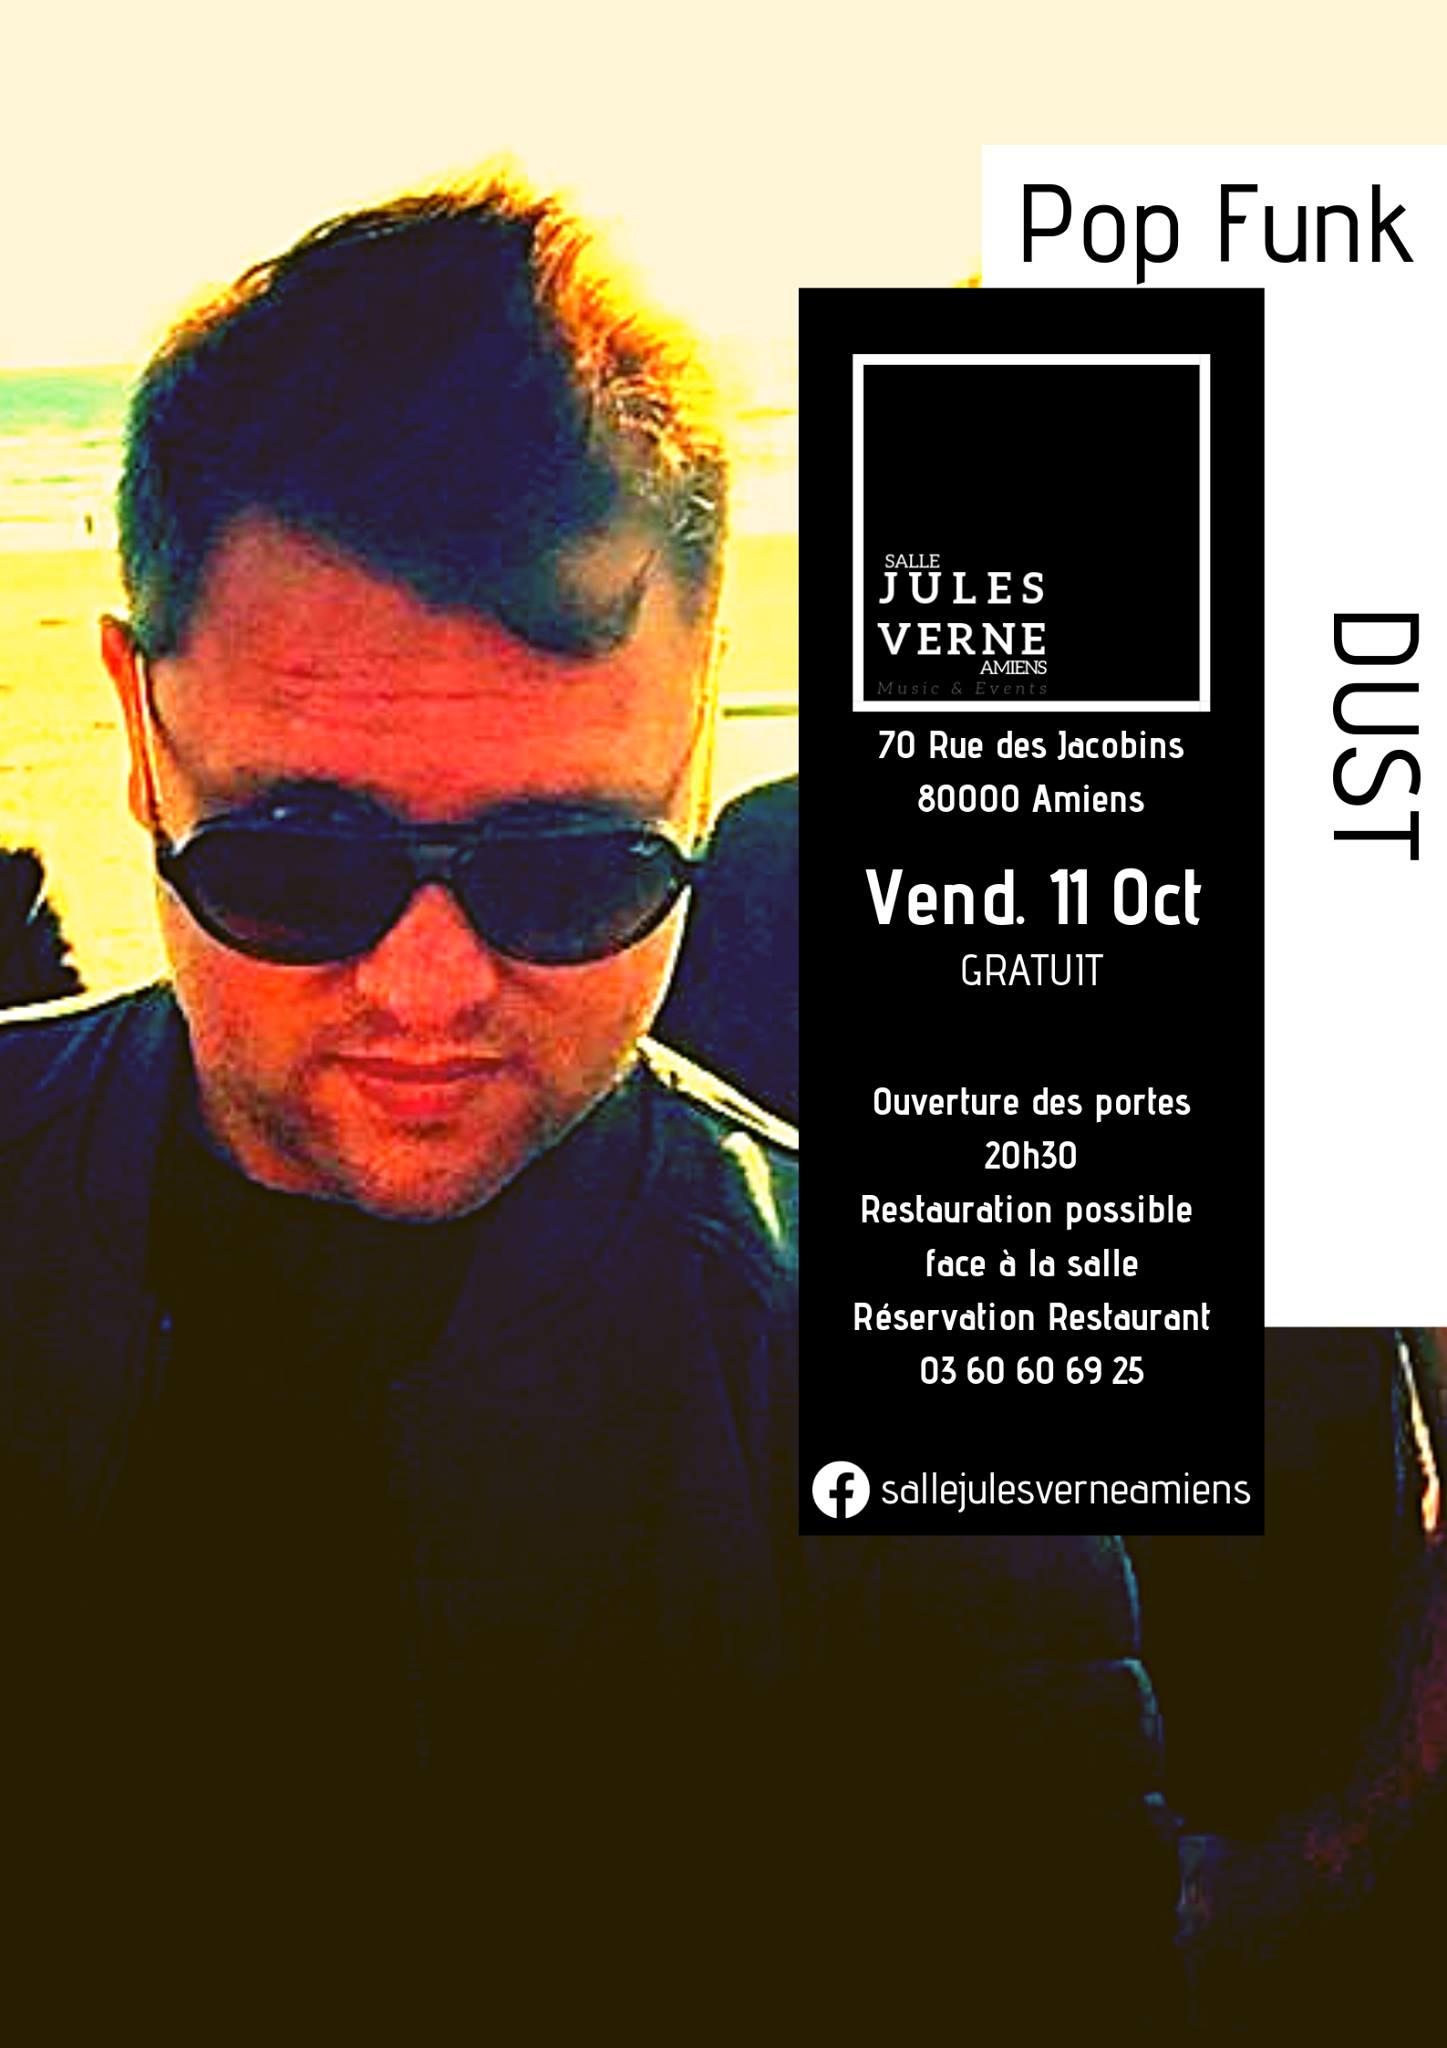 Dust Affiche 11 OCTOBRE 2019